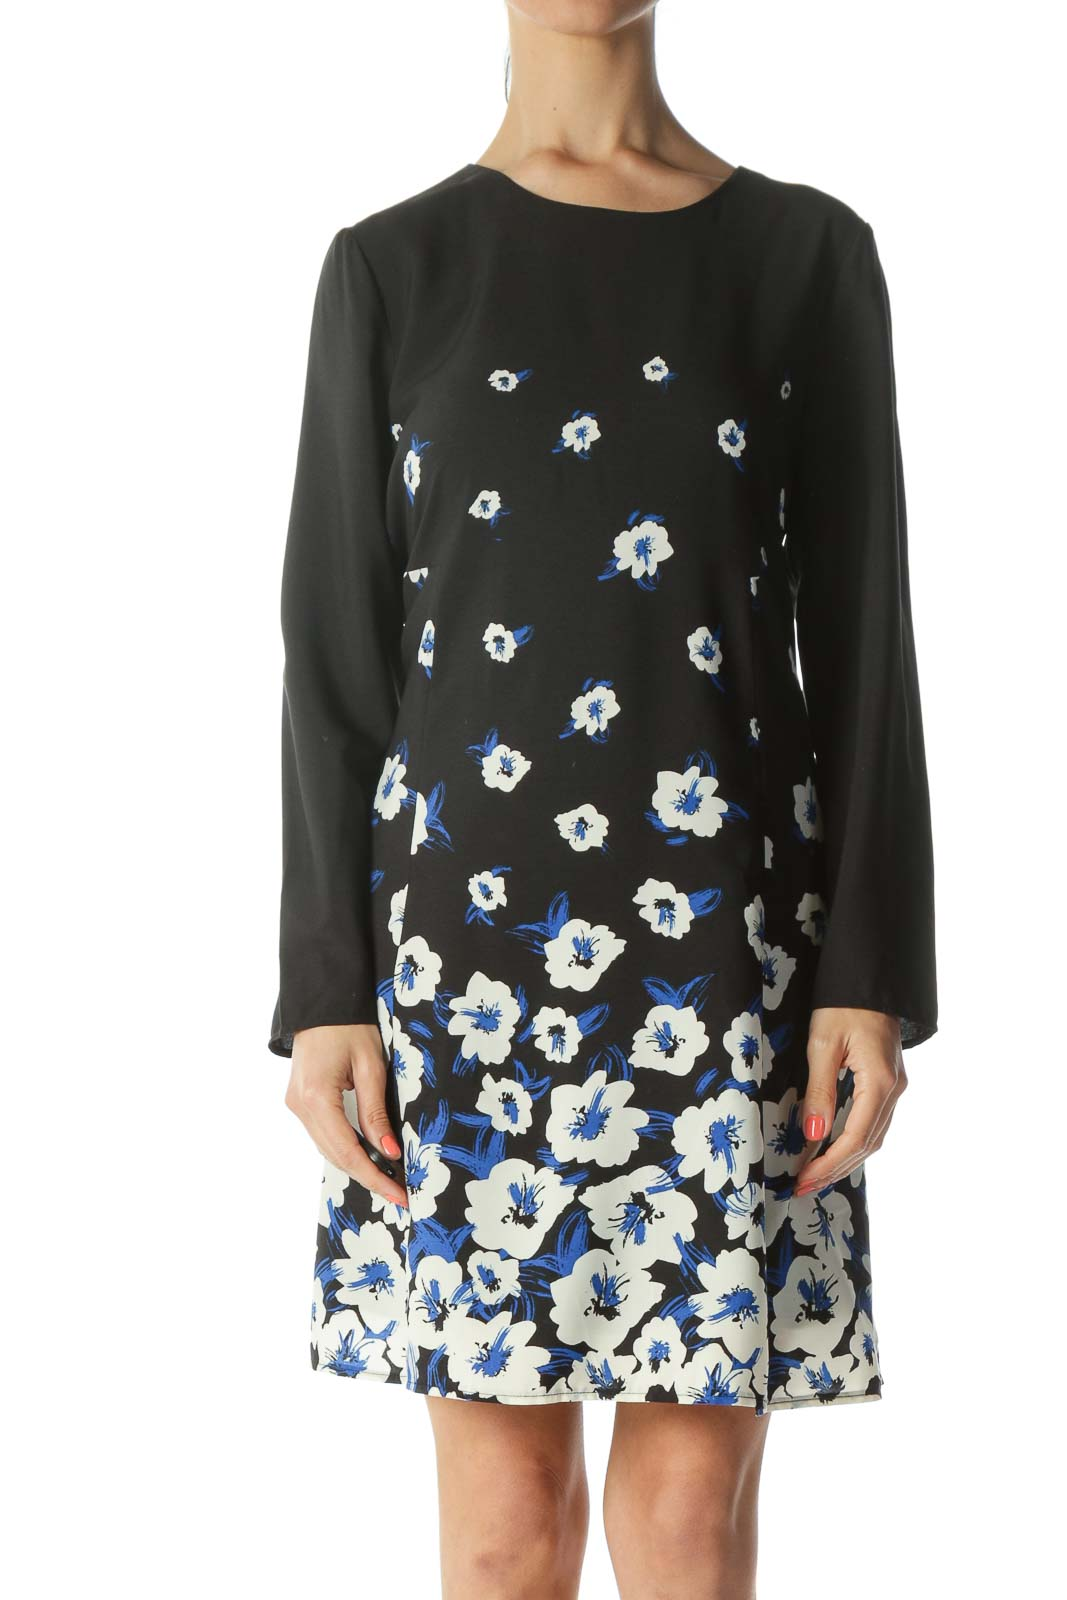 Black/Blue/White Floral-Print Keyhole-Back Work Dress Front